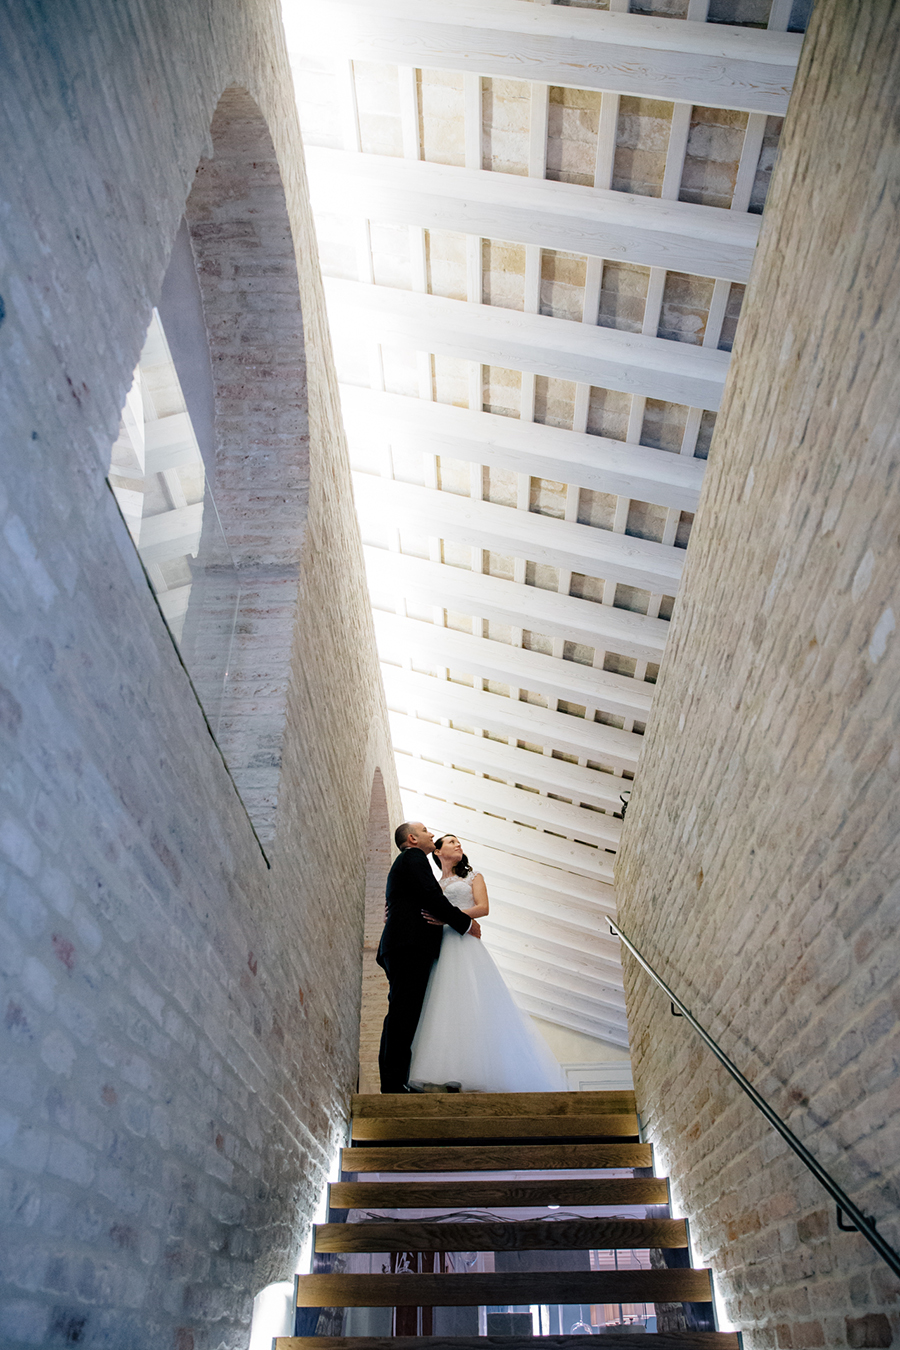 Eleonora e Paolo sposi-Wedding reportage-Renato Zanette Fotografo Matrimonio Treviso-Cappella Maggiore-Tenuta Polvaro-Annone Veneto